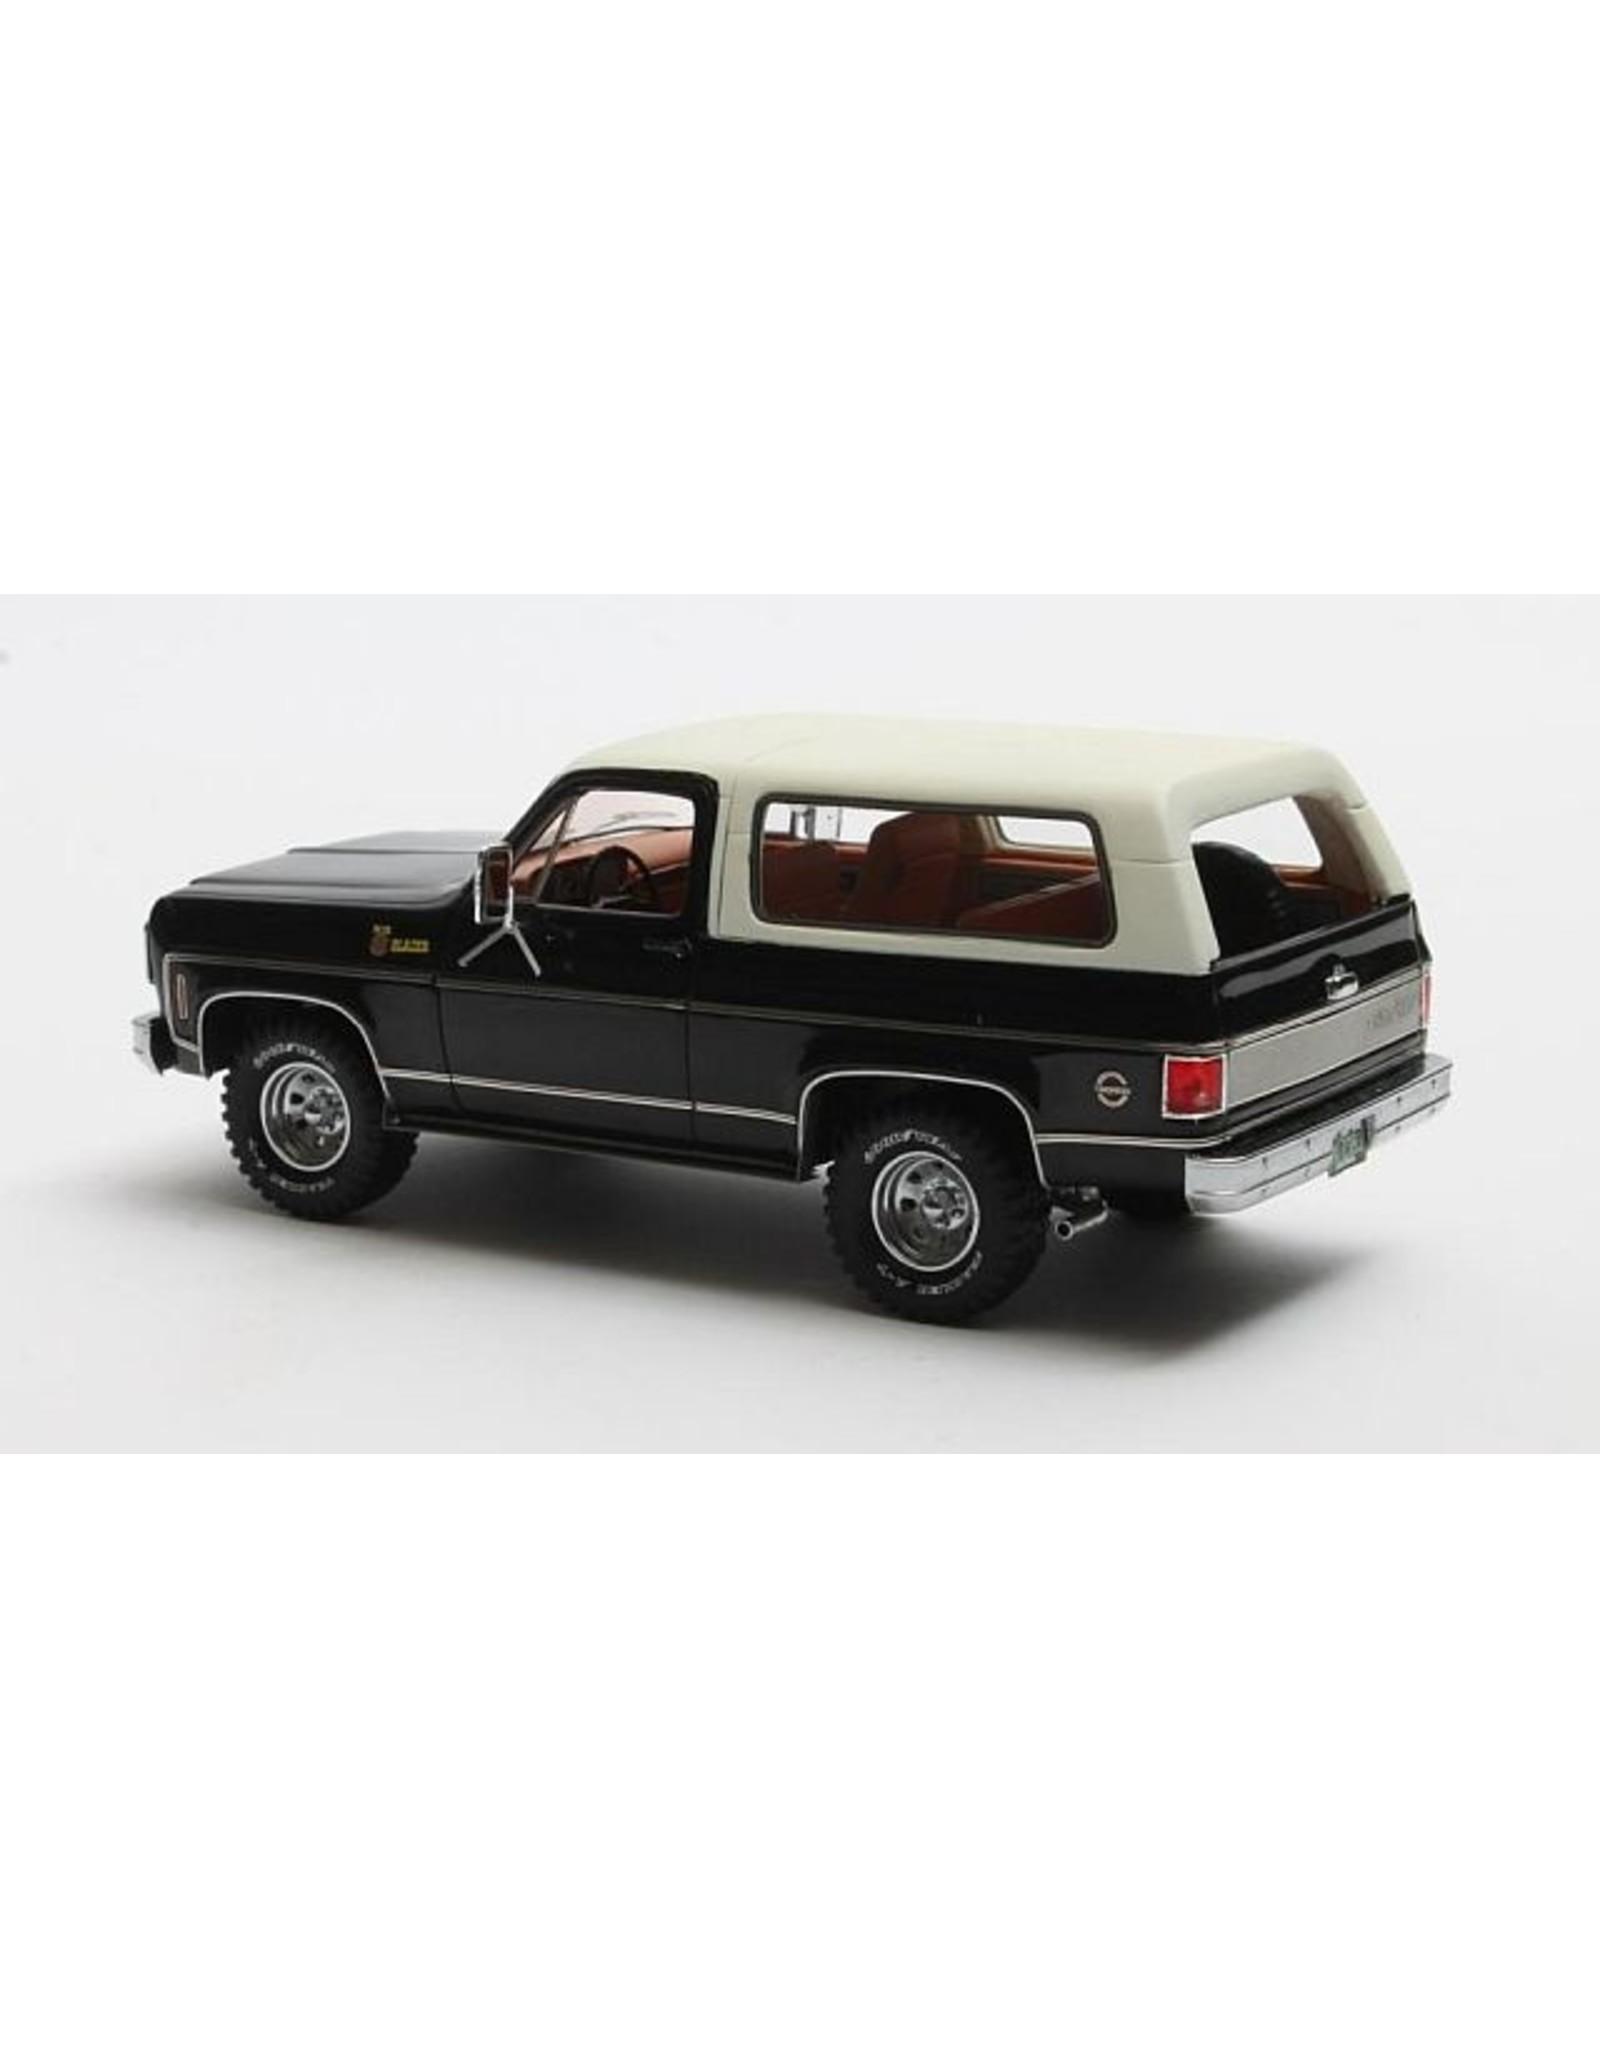 Chevrolet Chevrolet Blazer K5(1978)black/white